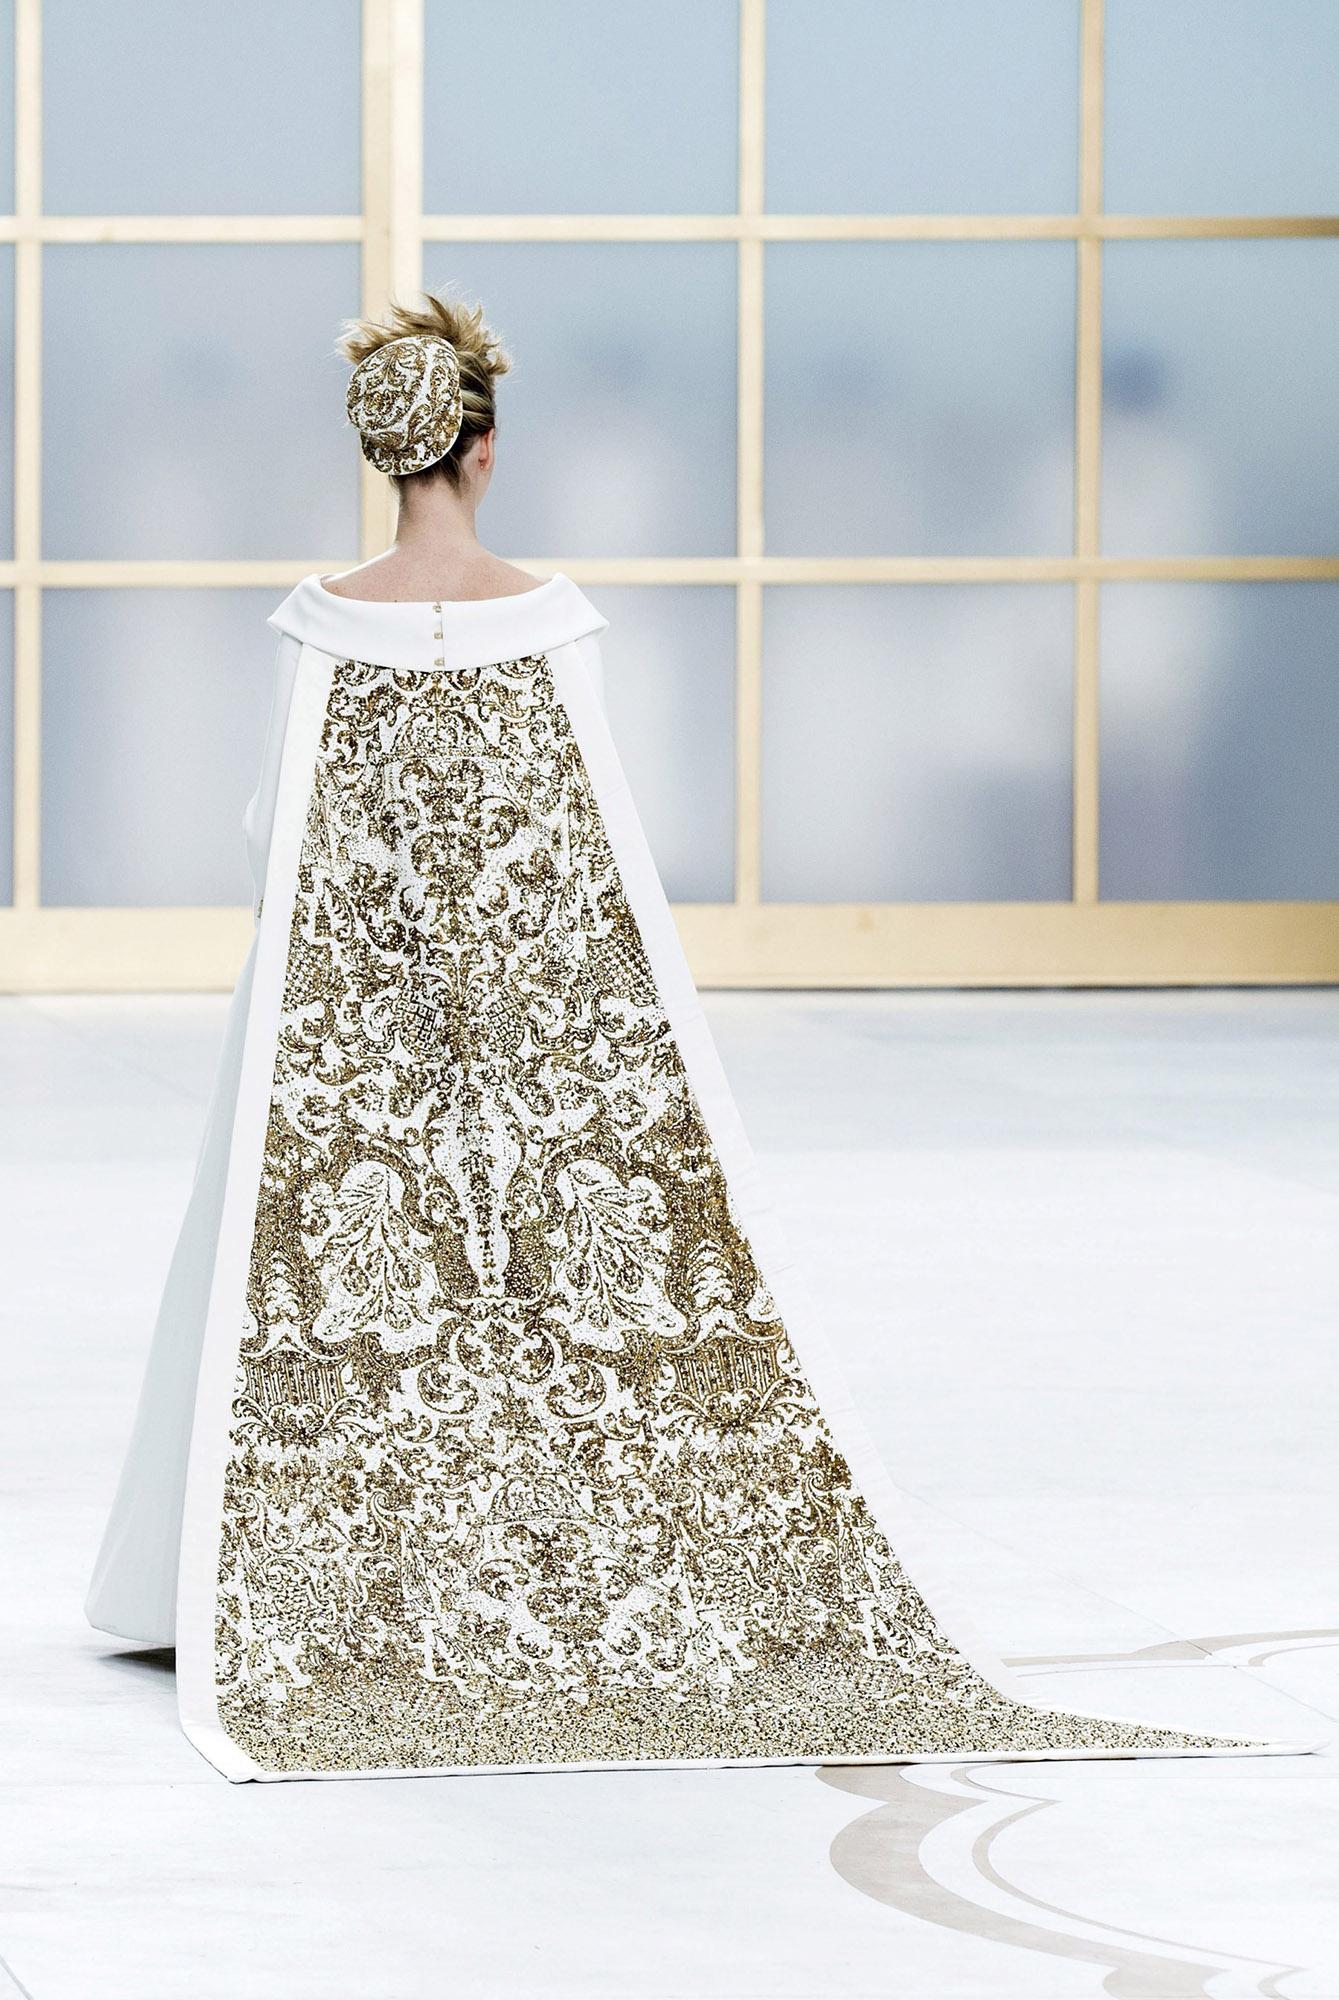 Los vestidos de novia diseñador por Lagerfeld nunca fueron totalmente tradicionales. (Foto: EFE)